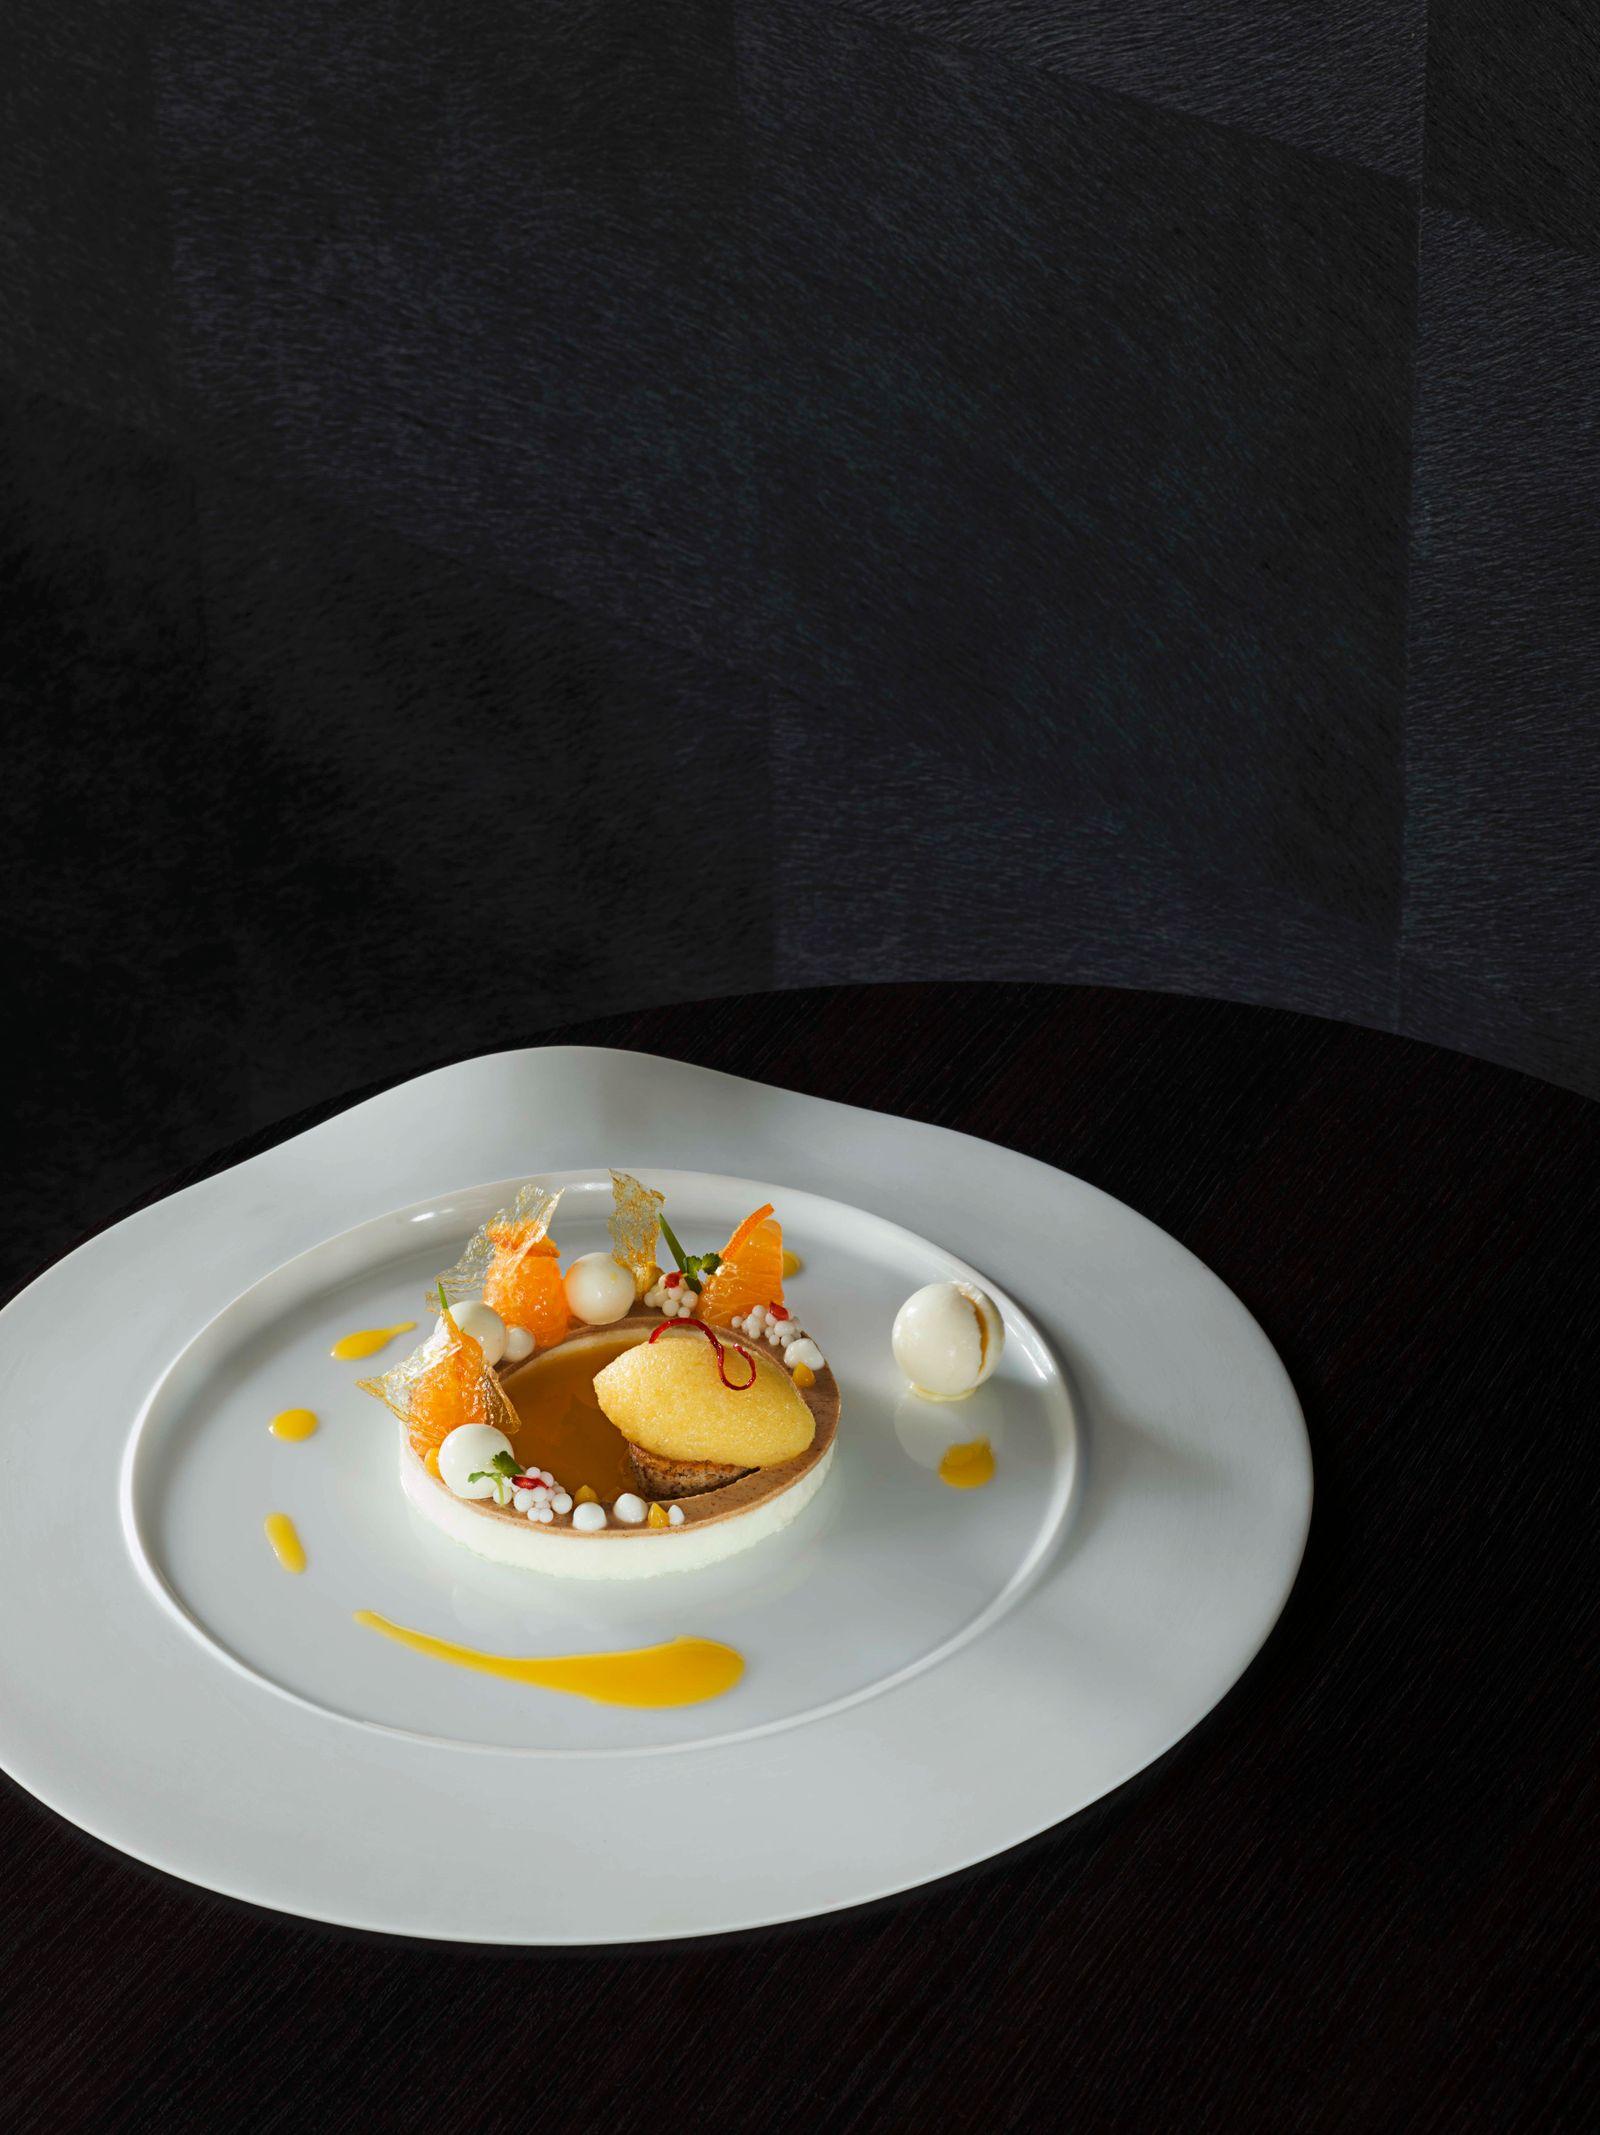 Joghurt und Salbei-Mandarinensorbet, Dessert, Restaurant 'Schanz', Piesport, Deutschland